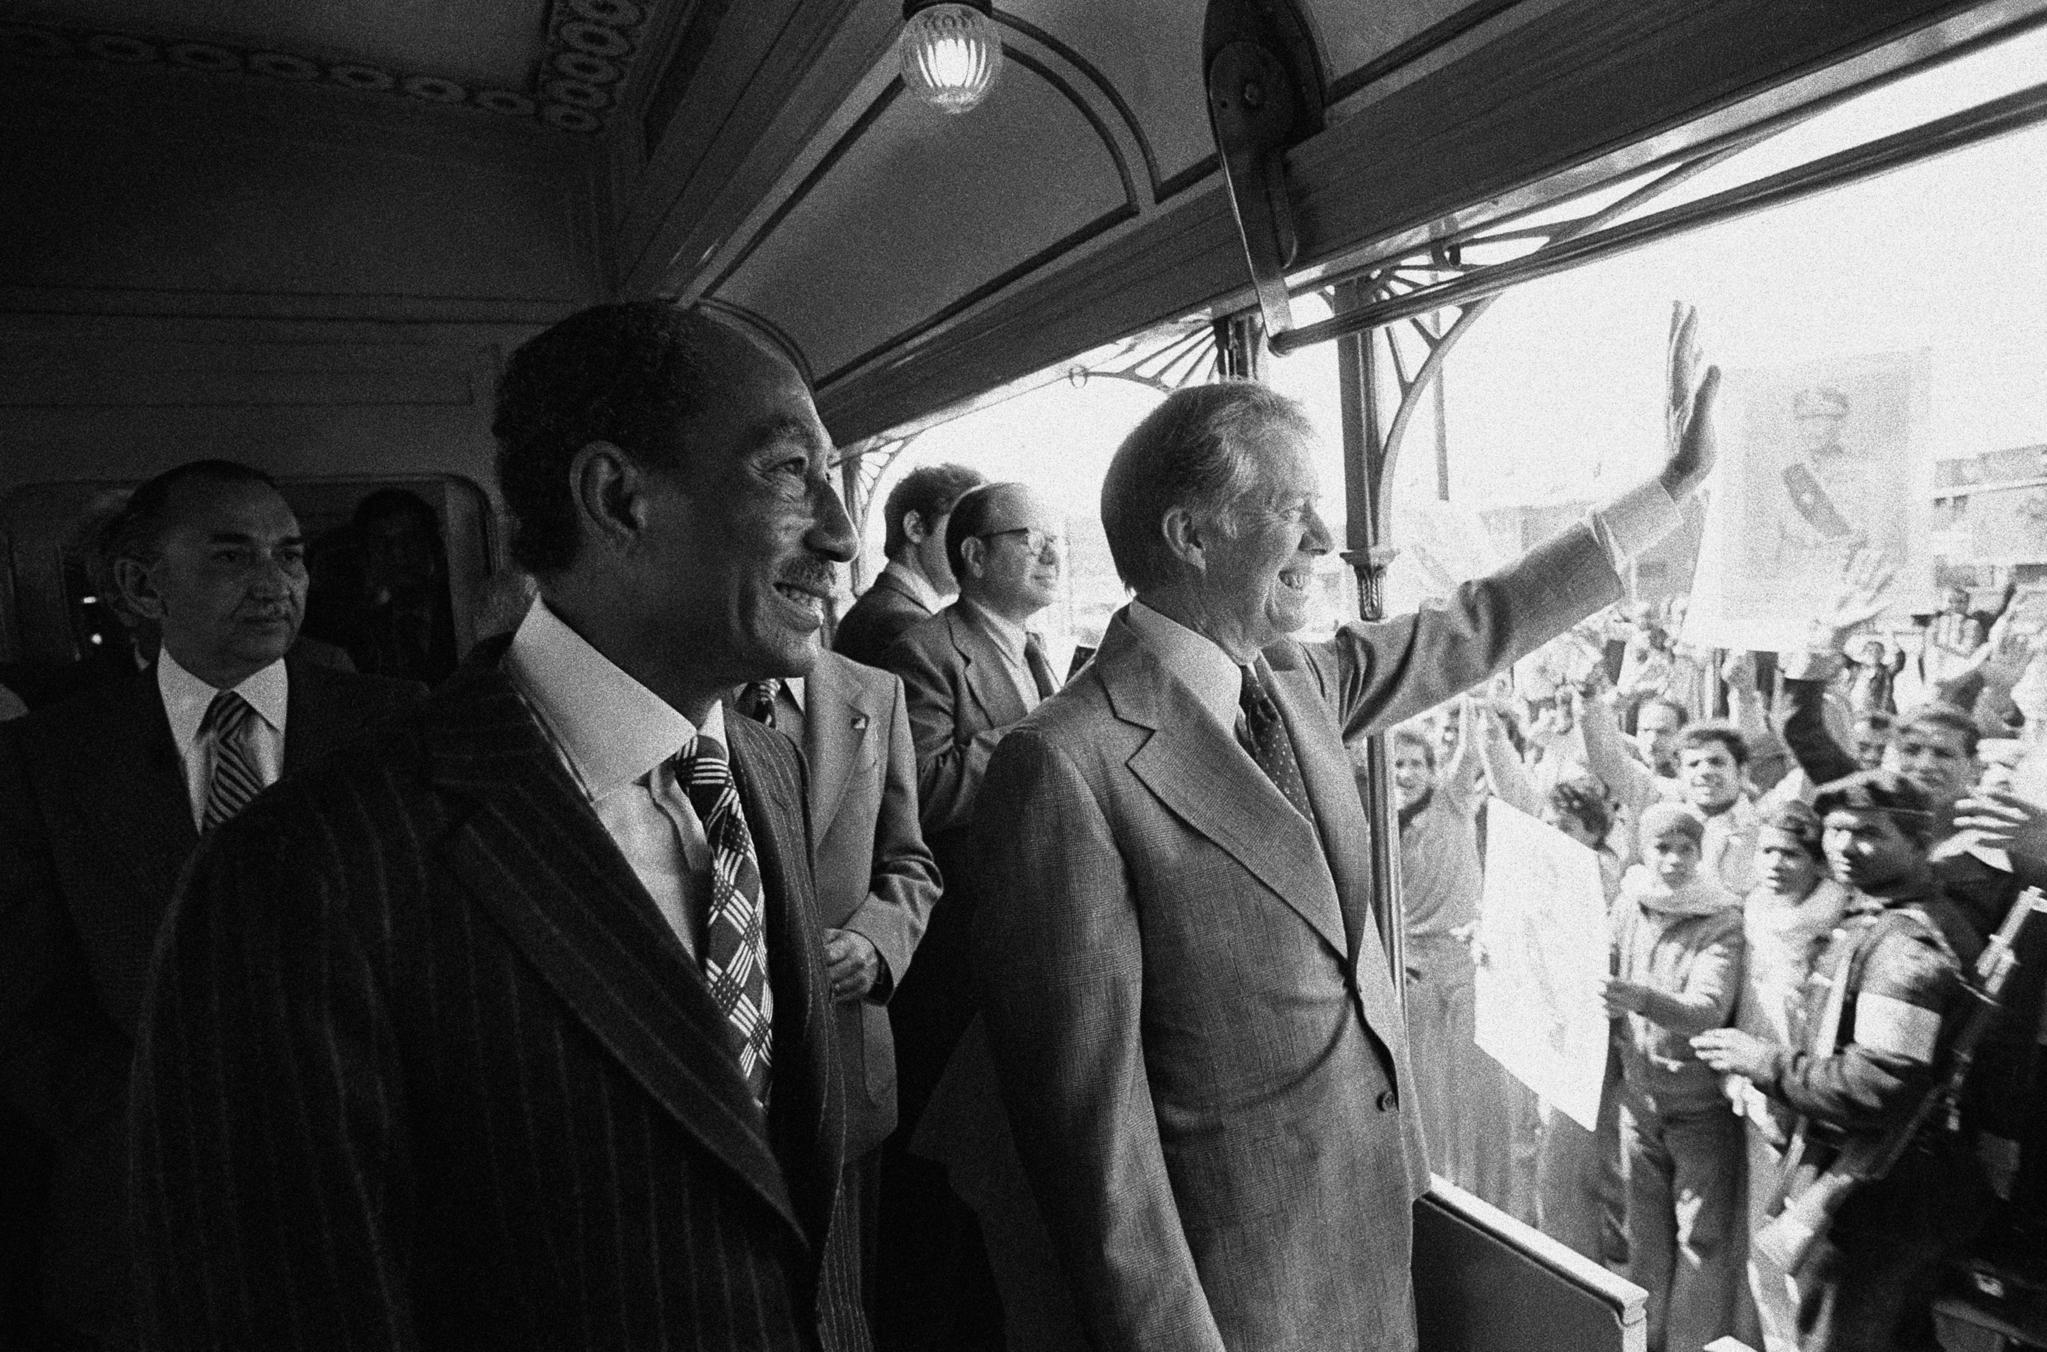 지미 카터 미국 대통령이 1979년 3월 9일 이집트 카이로에서 알렉산드리아로의 기차 여행 도중 반하에서 군중들에게 손을 흔들고 있다. [AP=연합뉴스]